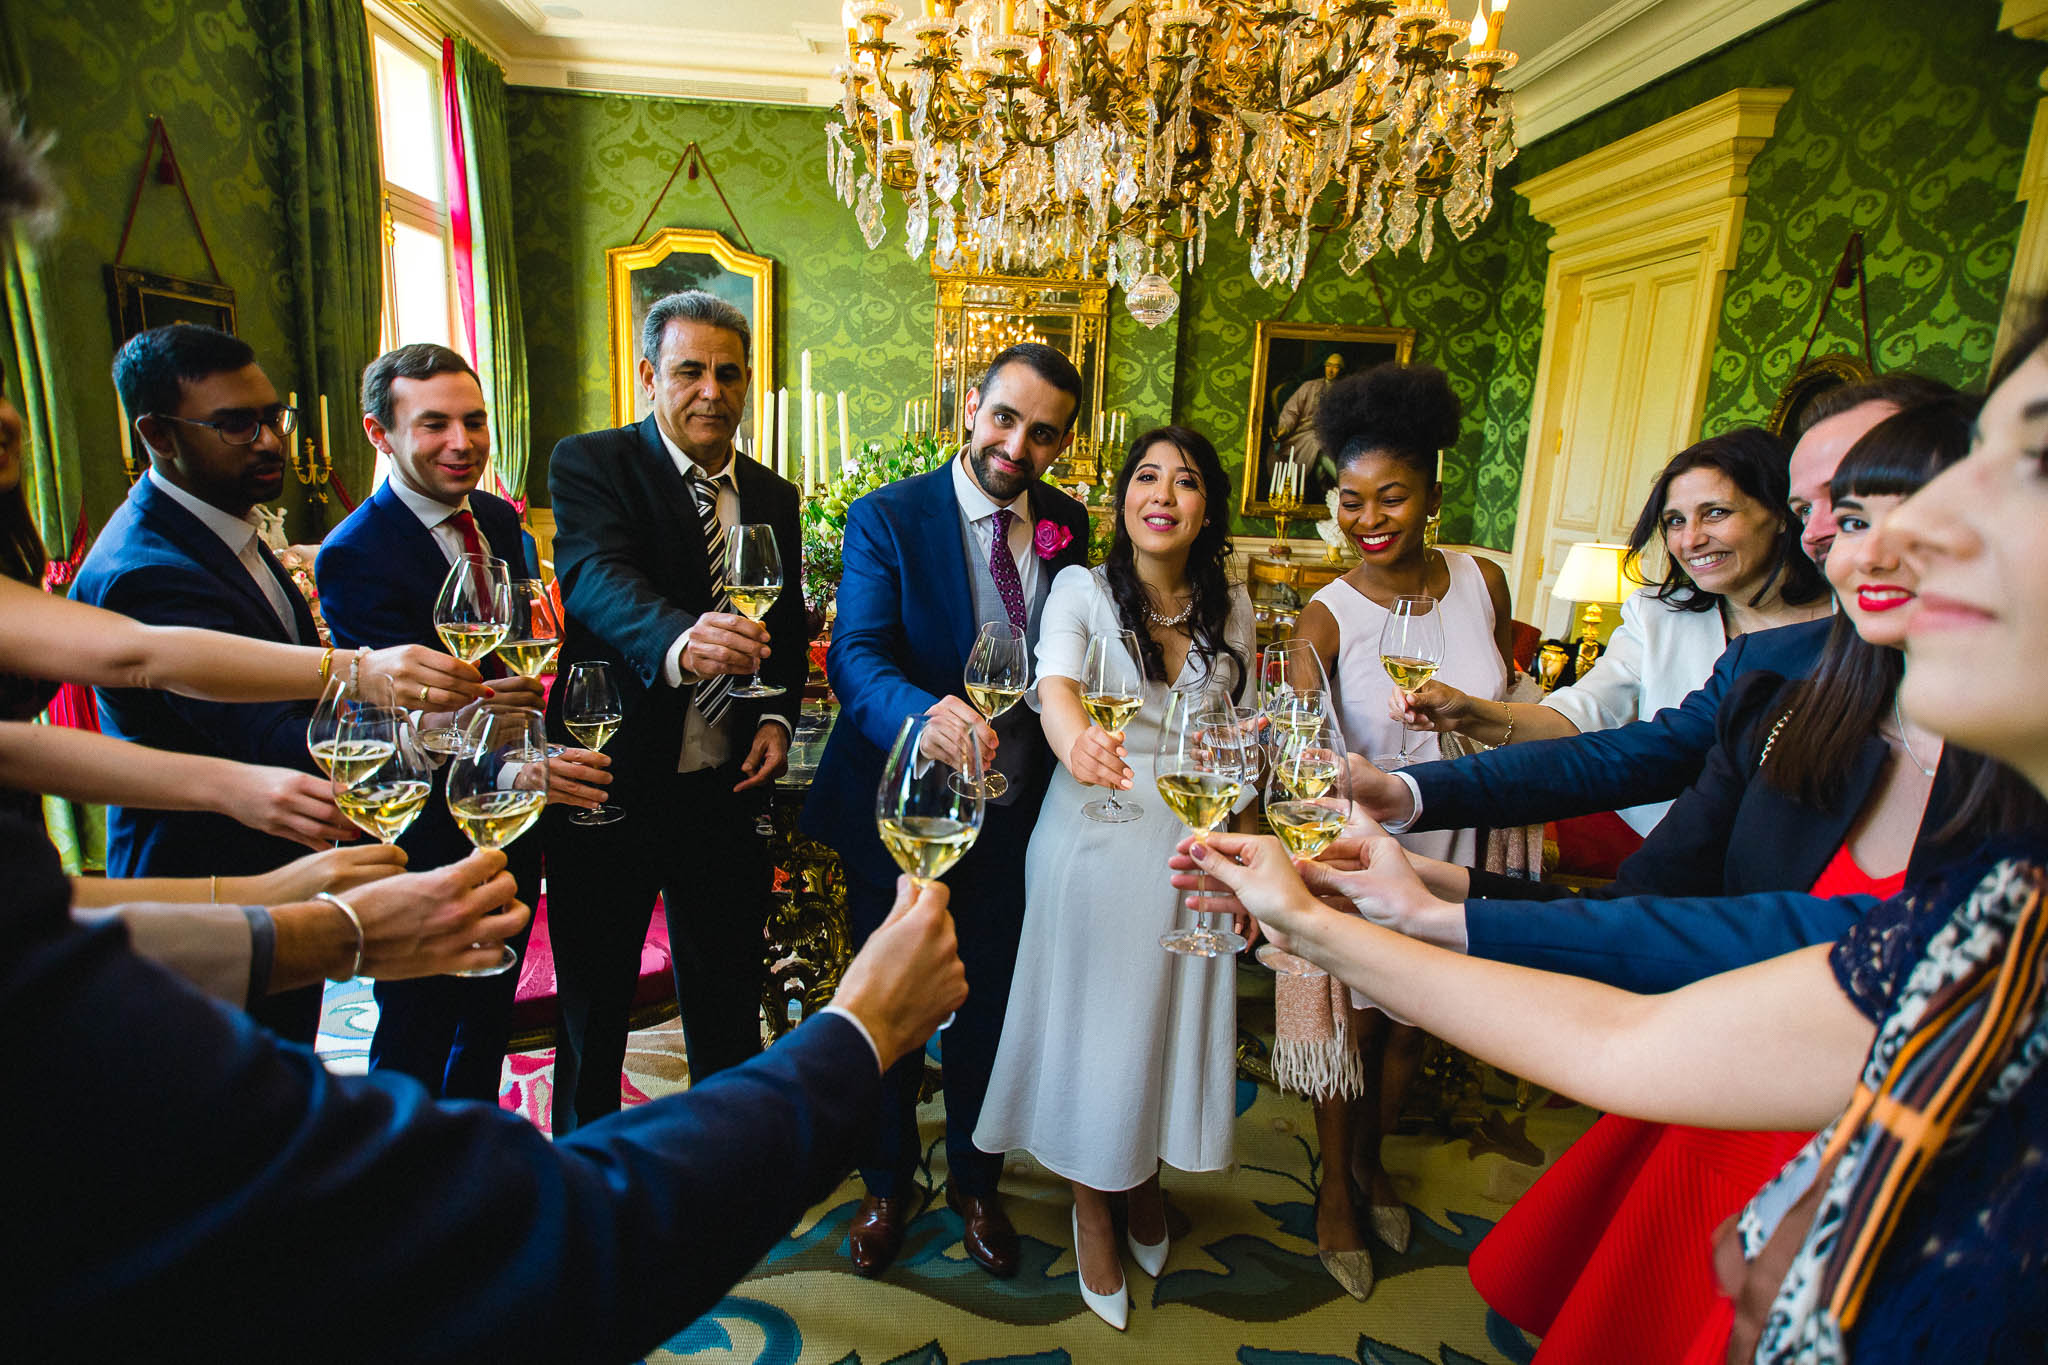 Art_Avec_Amour_Photographe_Mariage_Famille_Paris_France-00195.jpg